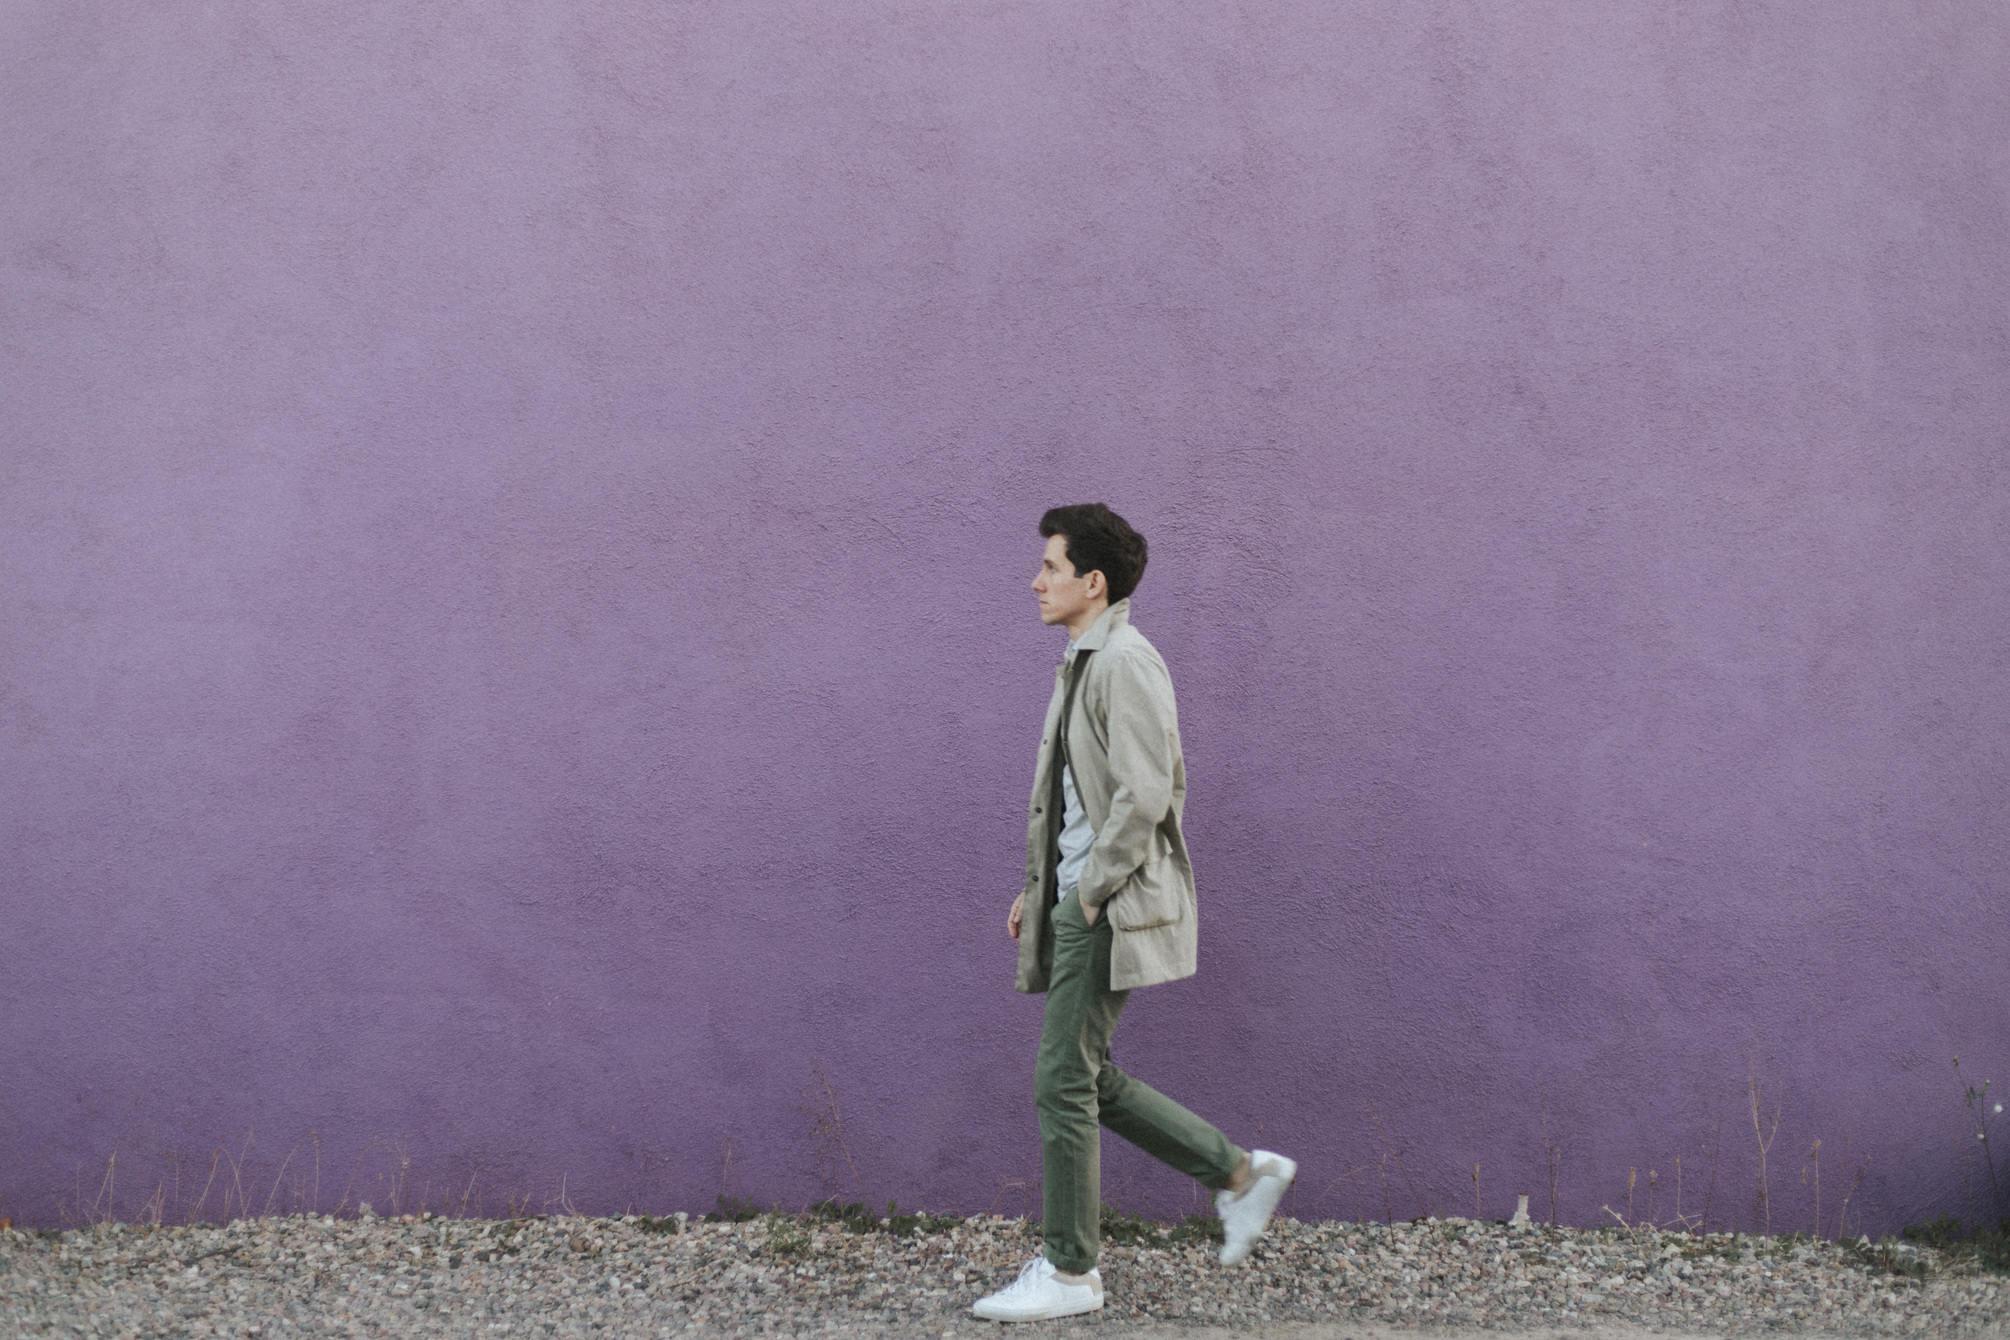 Walking in front of purple wall